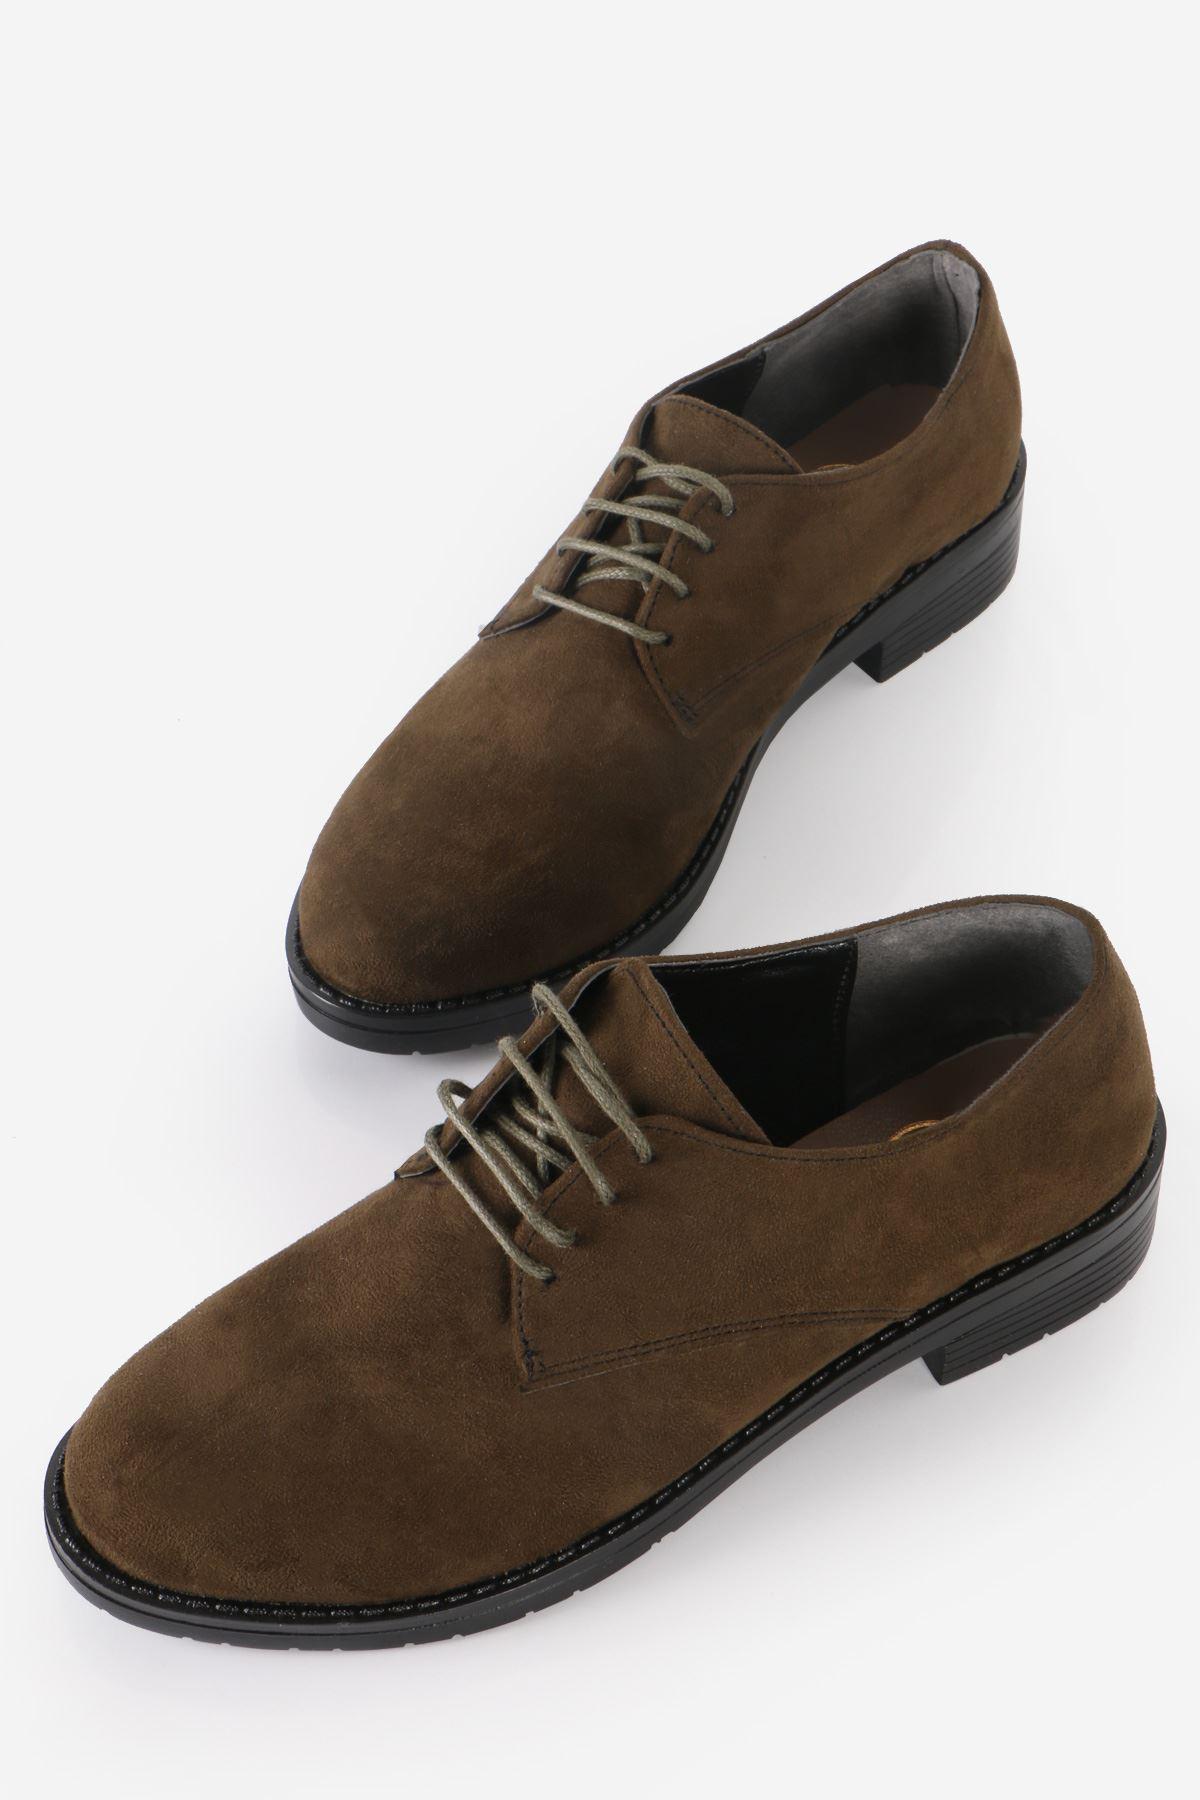 Haki Süet Bağcıklı Oxford Ayakkabı